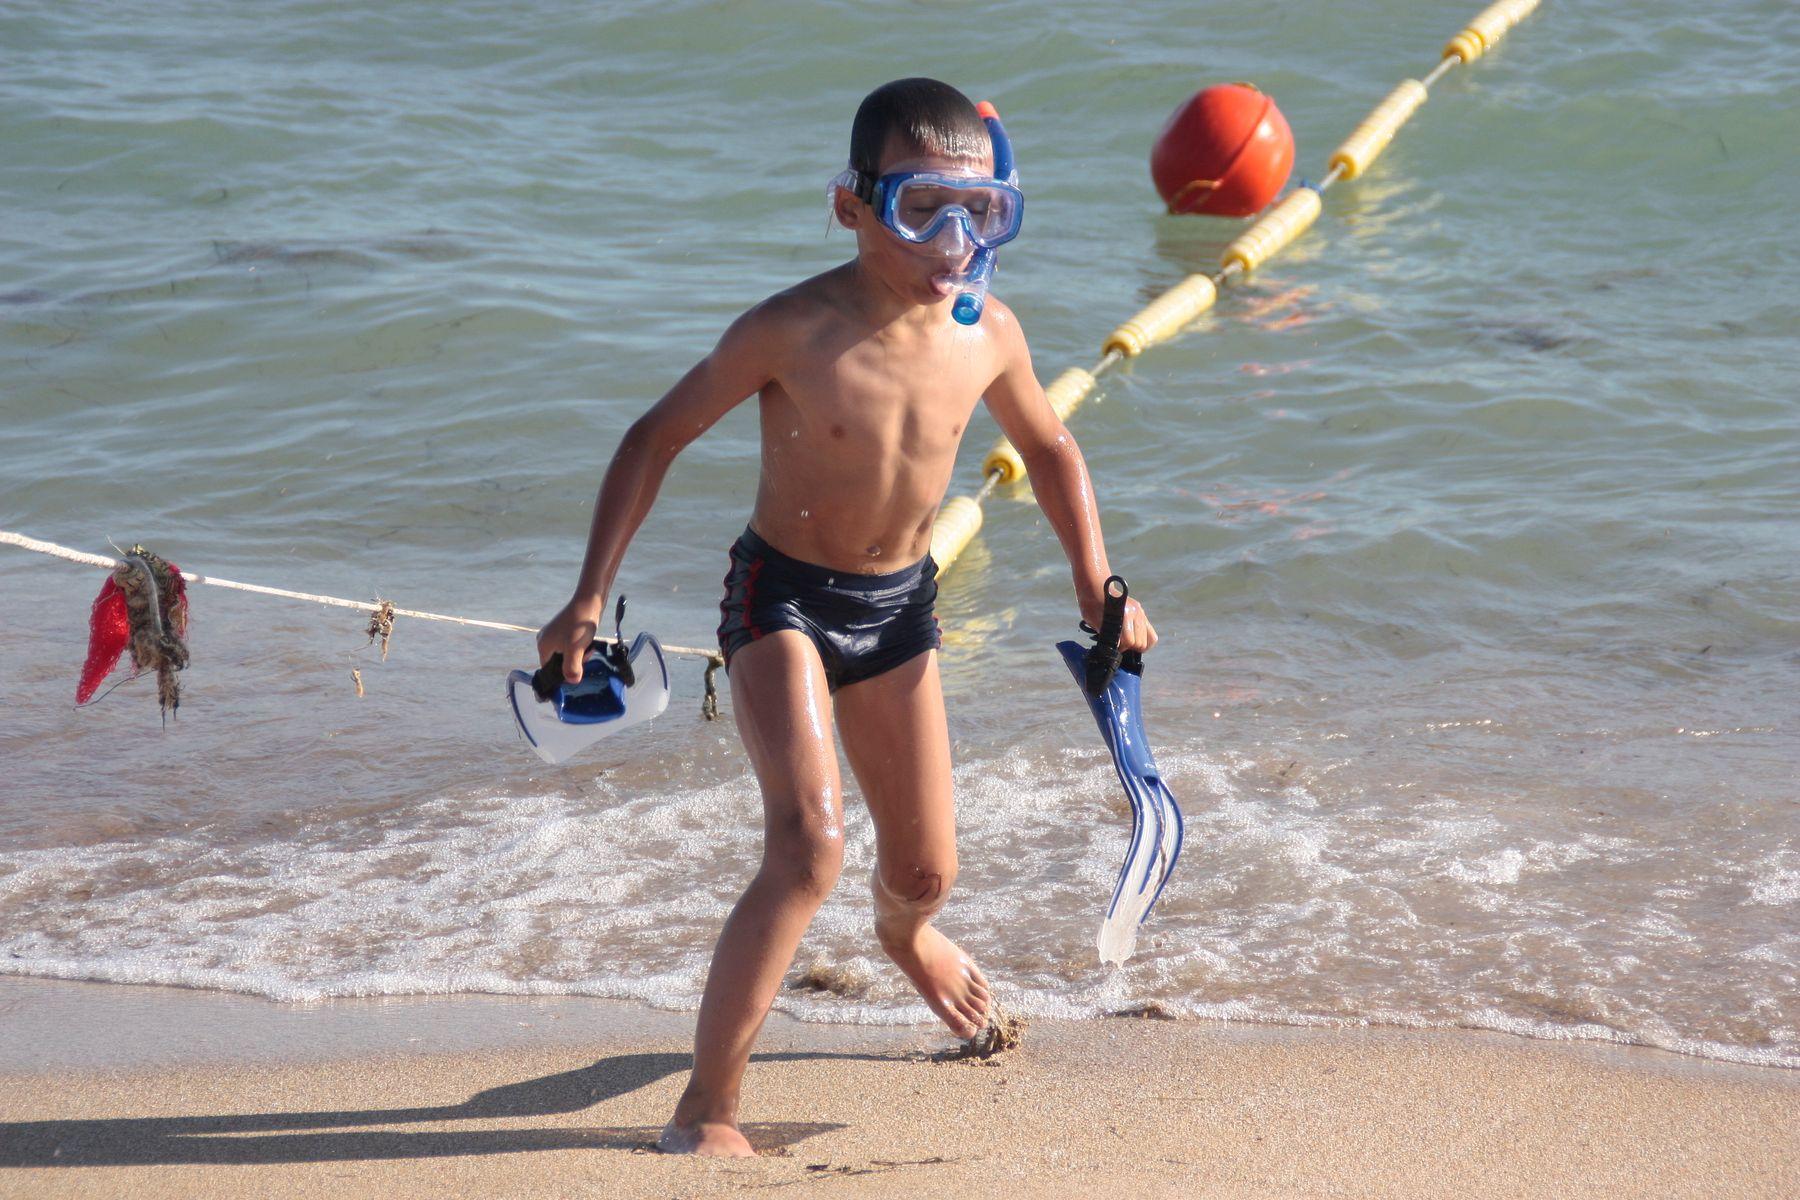 **Ныряльщик* Море Мальчик Лето Пляж